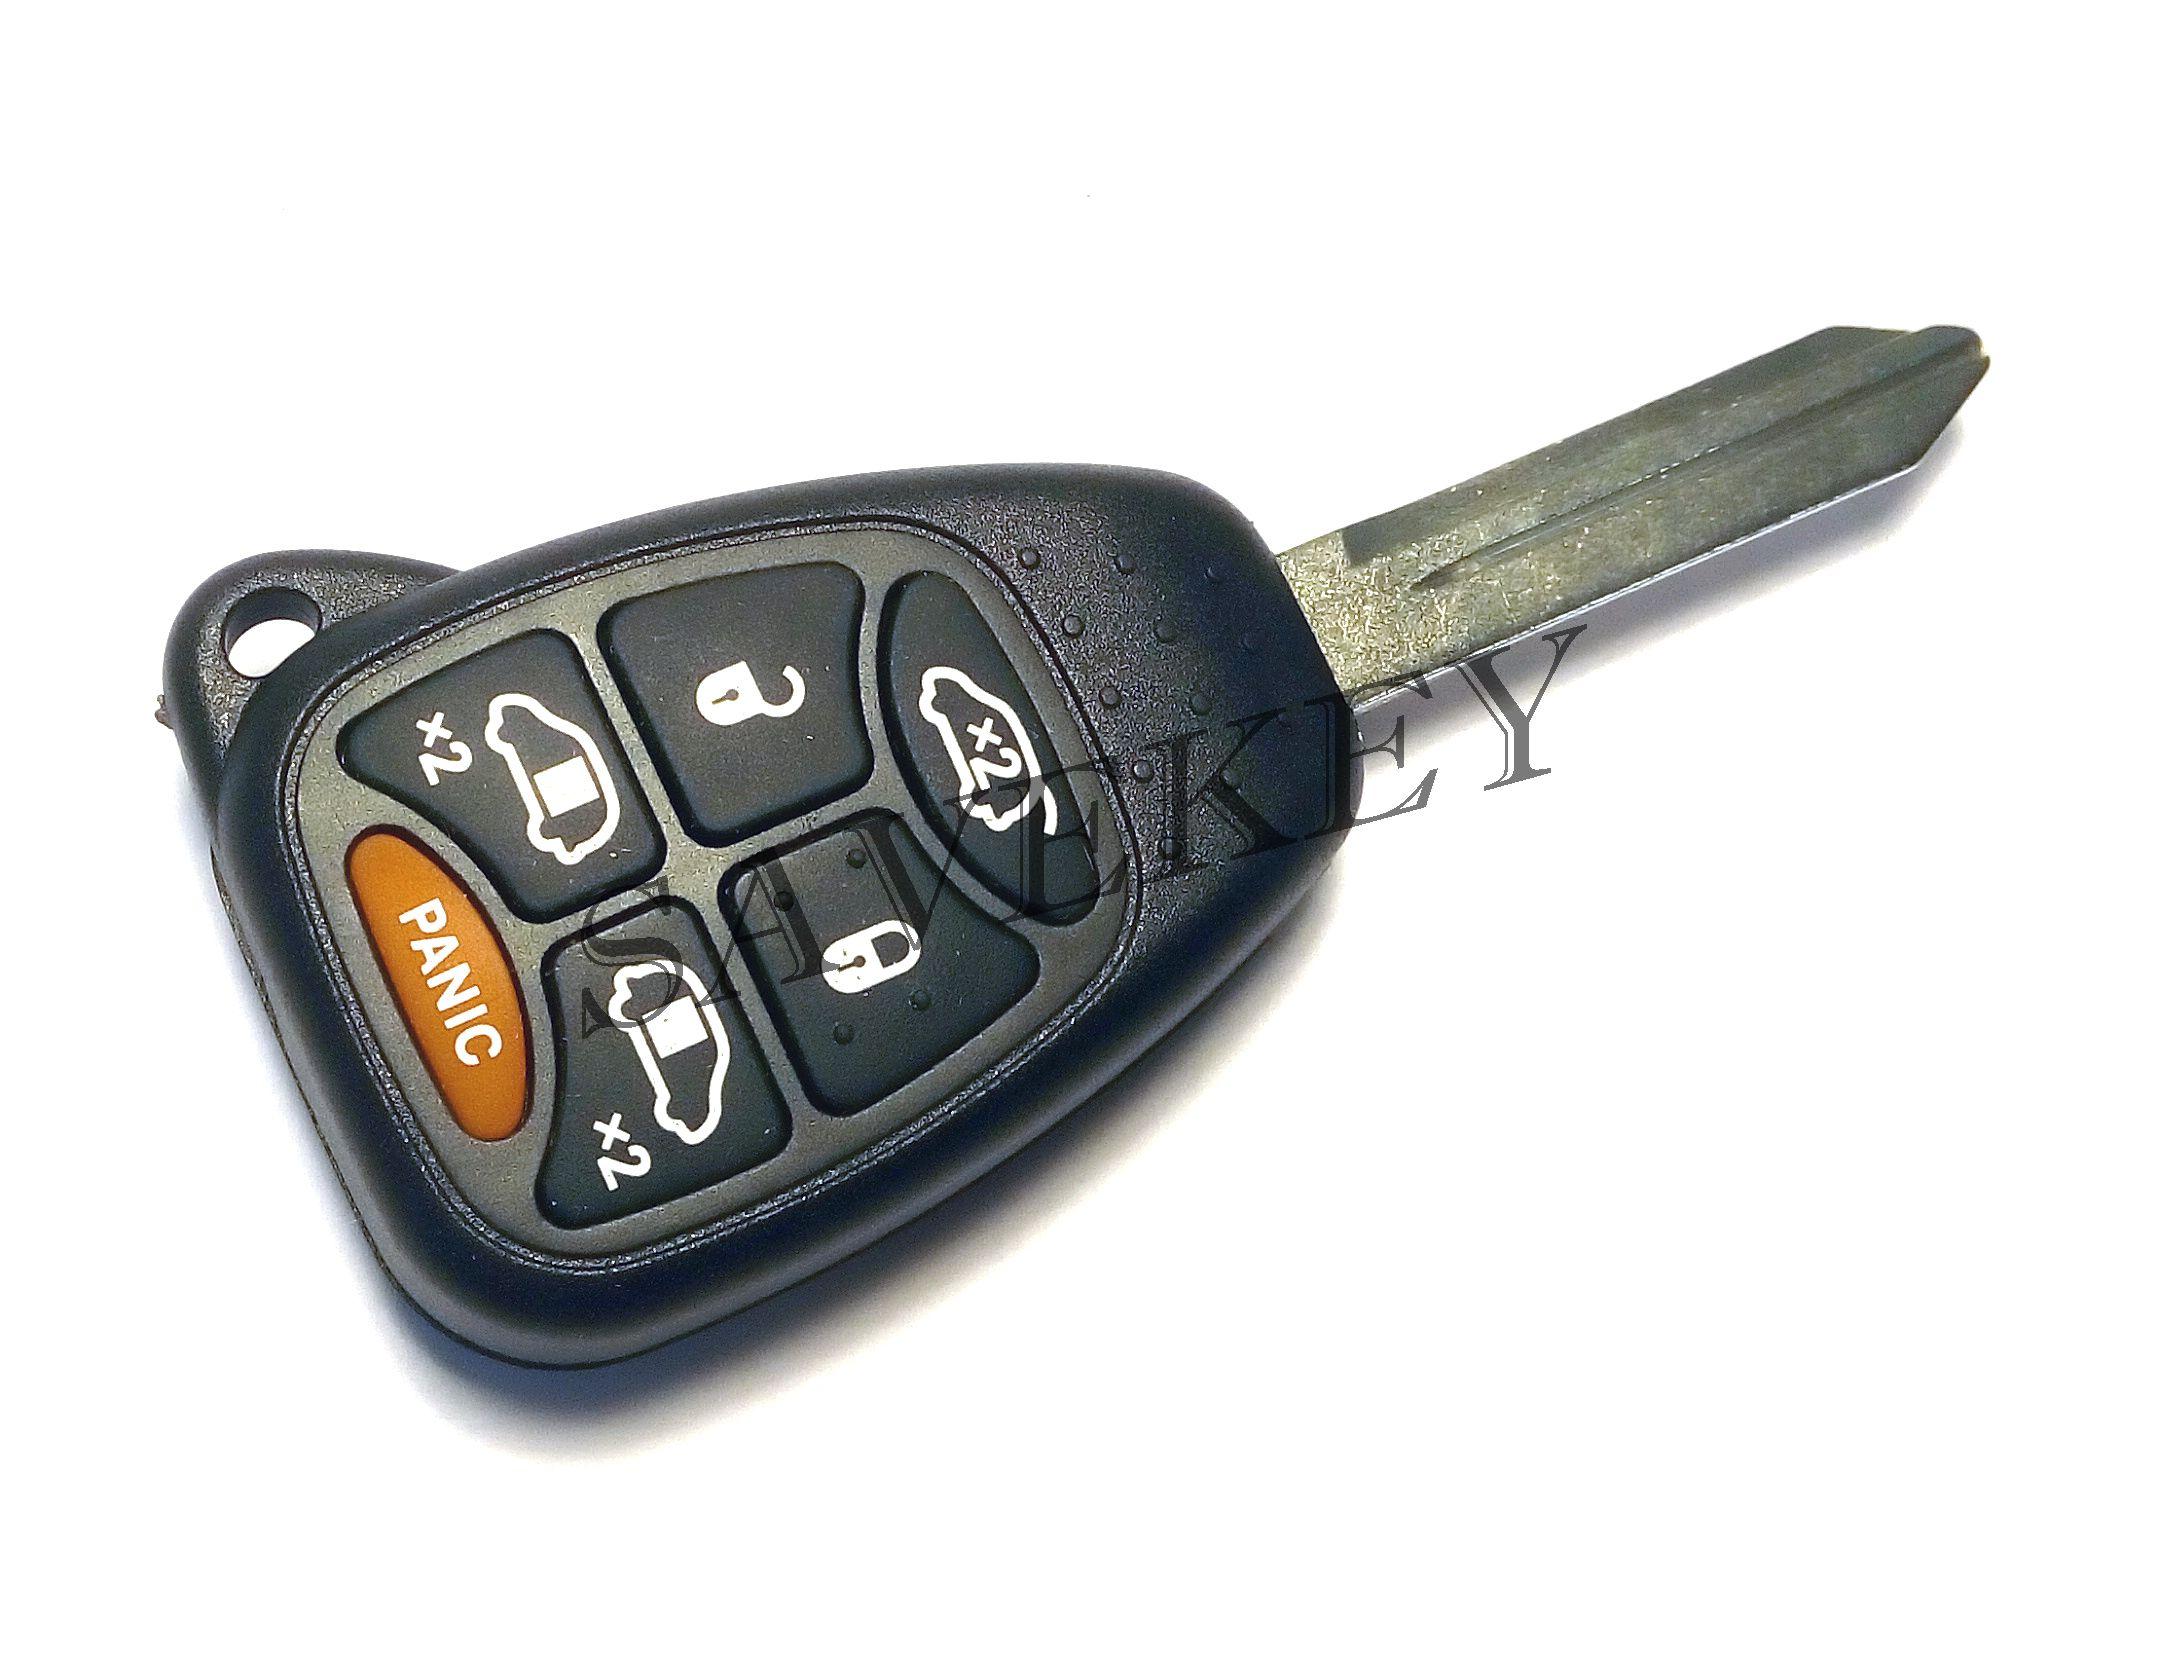 Дистанционный ключ Chrysler для моделей PT CRUISER 2006-2010,SEBRING 2007-2010,300C 2005-2007,ASPEN 2007-2009 6 кнопок 433 Mhz